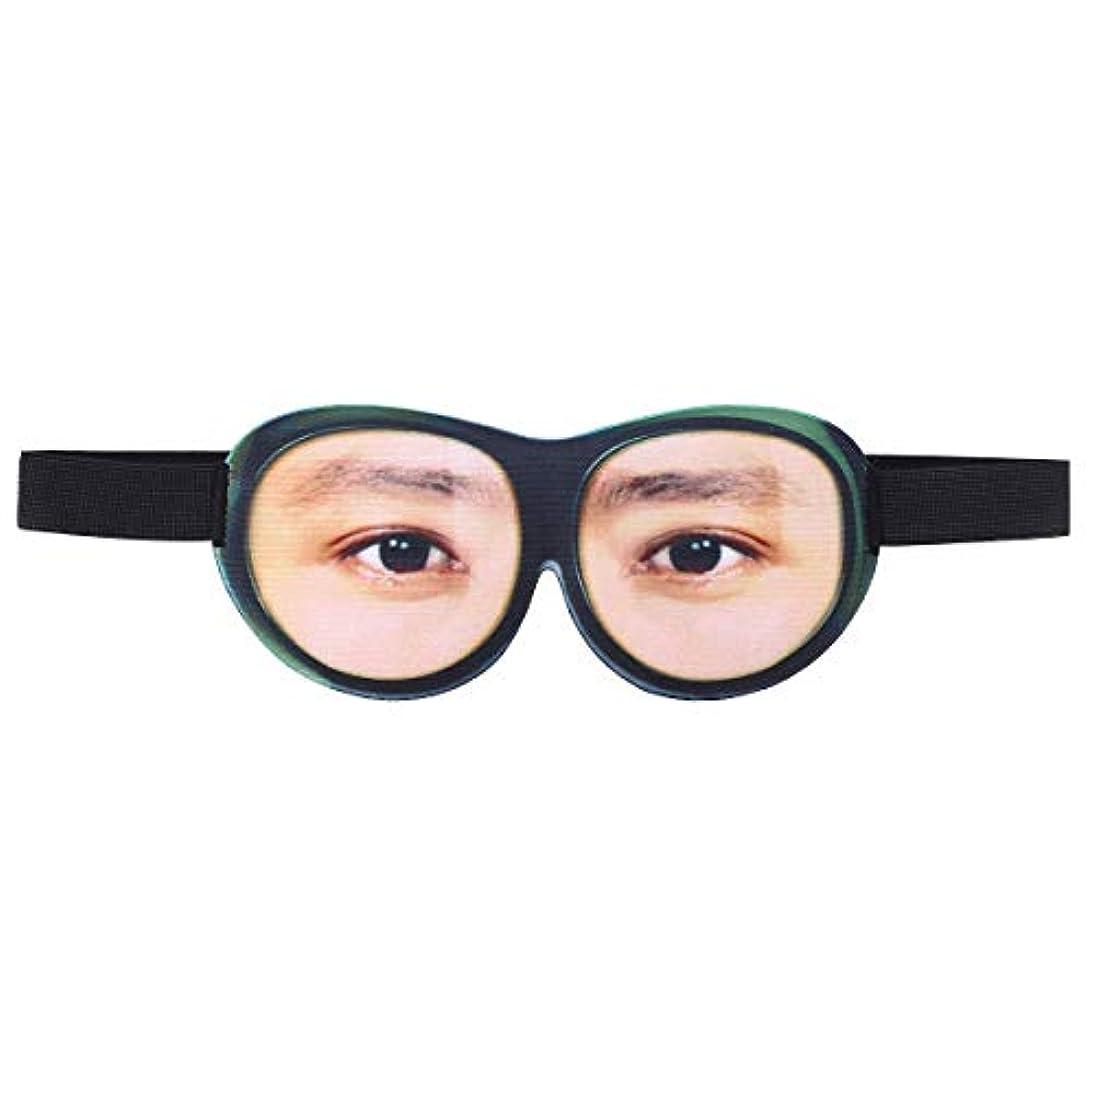 グラムジレンマ以下SUPVOX 男性と女性のための3D面白い睡眠マスク通気性目隠しアイマスク旅行睡眠マスク